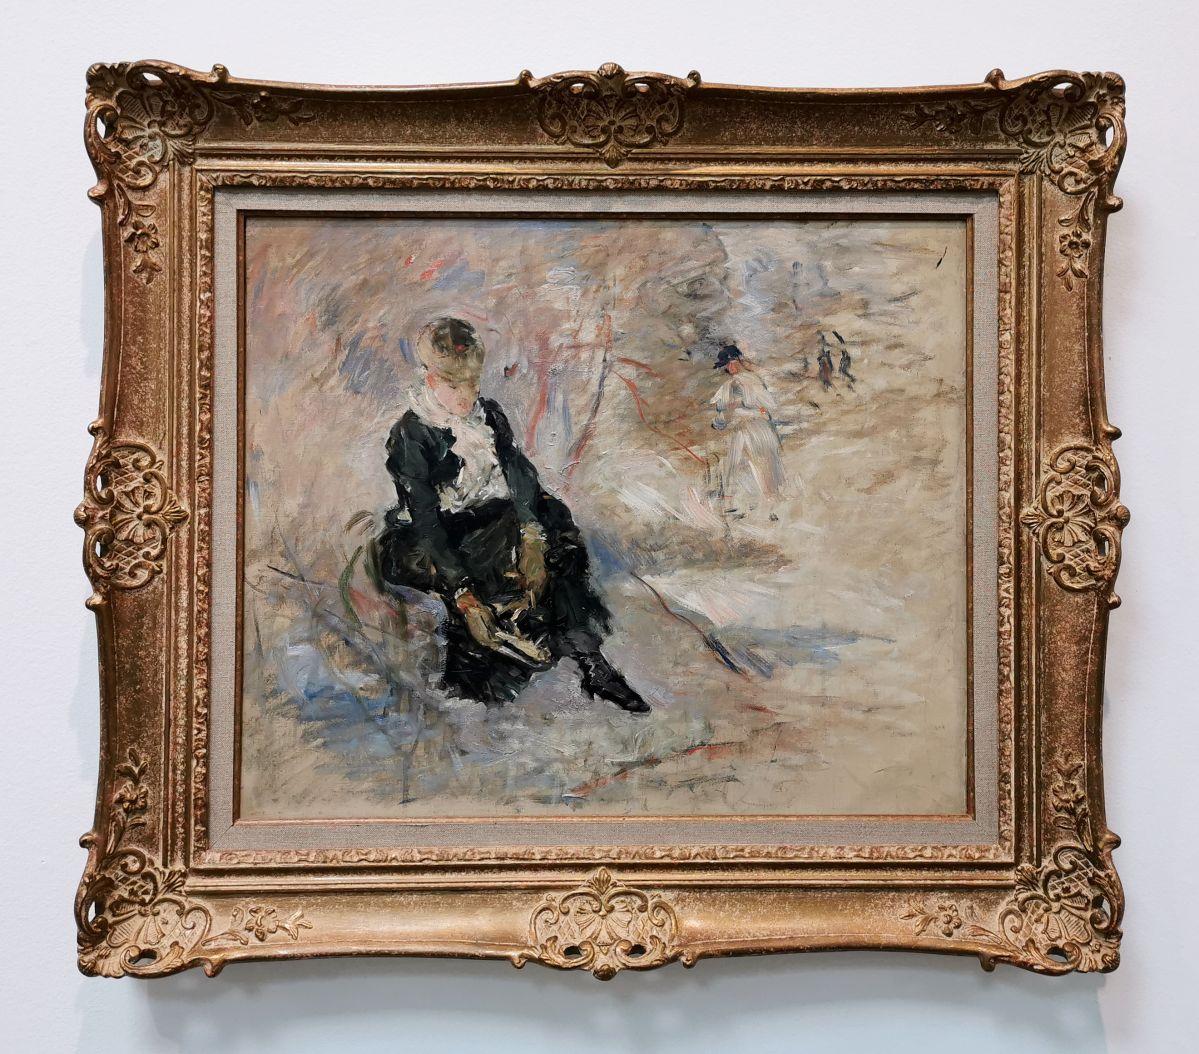 Berthe Morizot - Jeune femme remettant son patin, 1880 - Paul Valéry et les peintres - Le cercle familial - Musée Paul Valéry à Sète